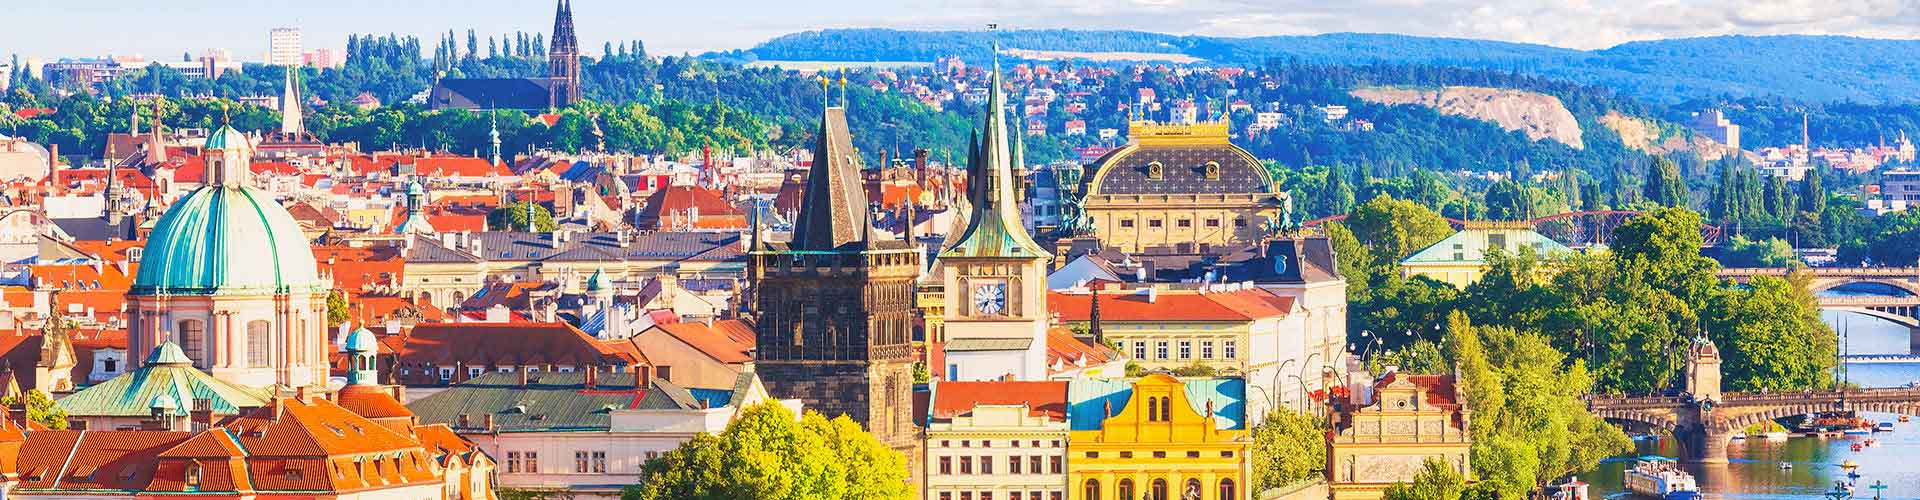 Praga - Hostales en el distrito Praga 9. Mapas de Praga, Fotos y comentarios de cada hostal en Praga.